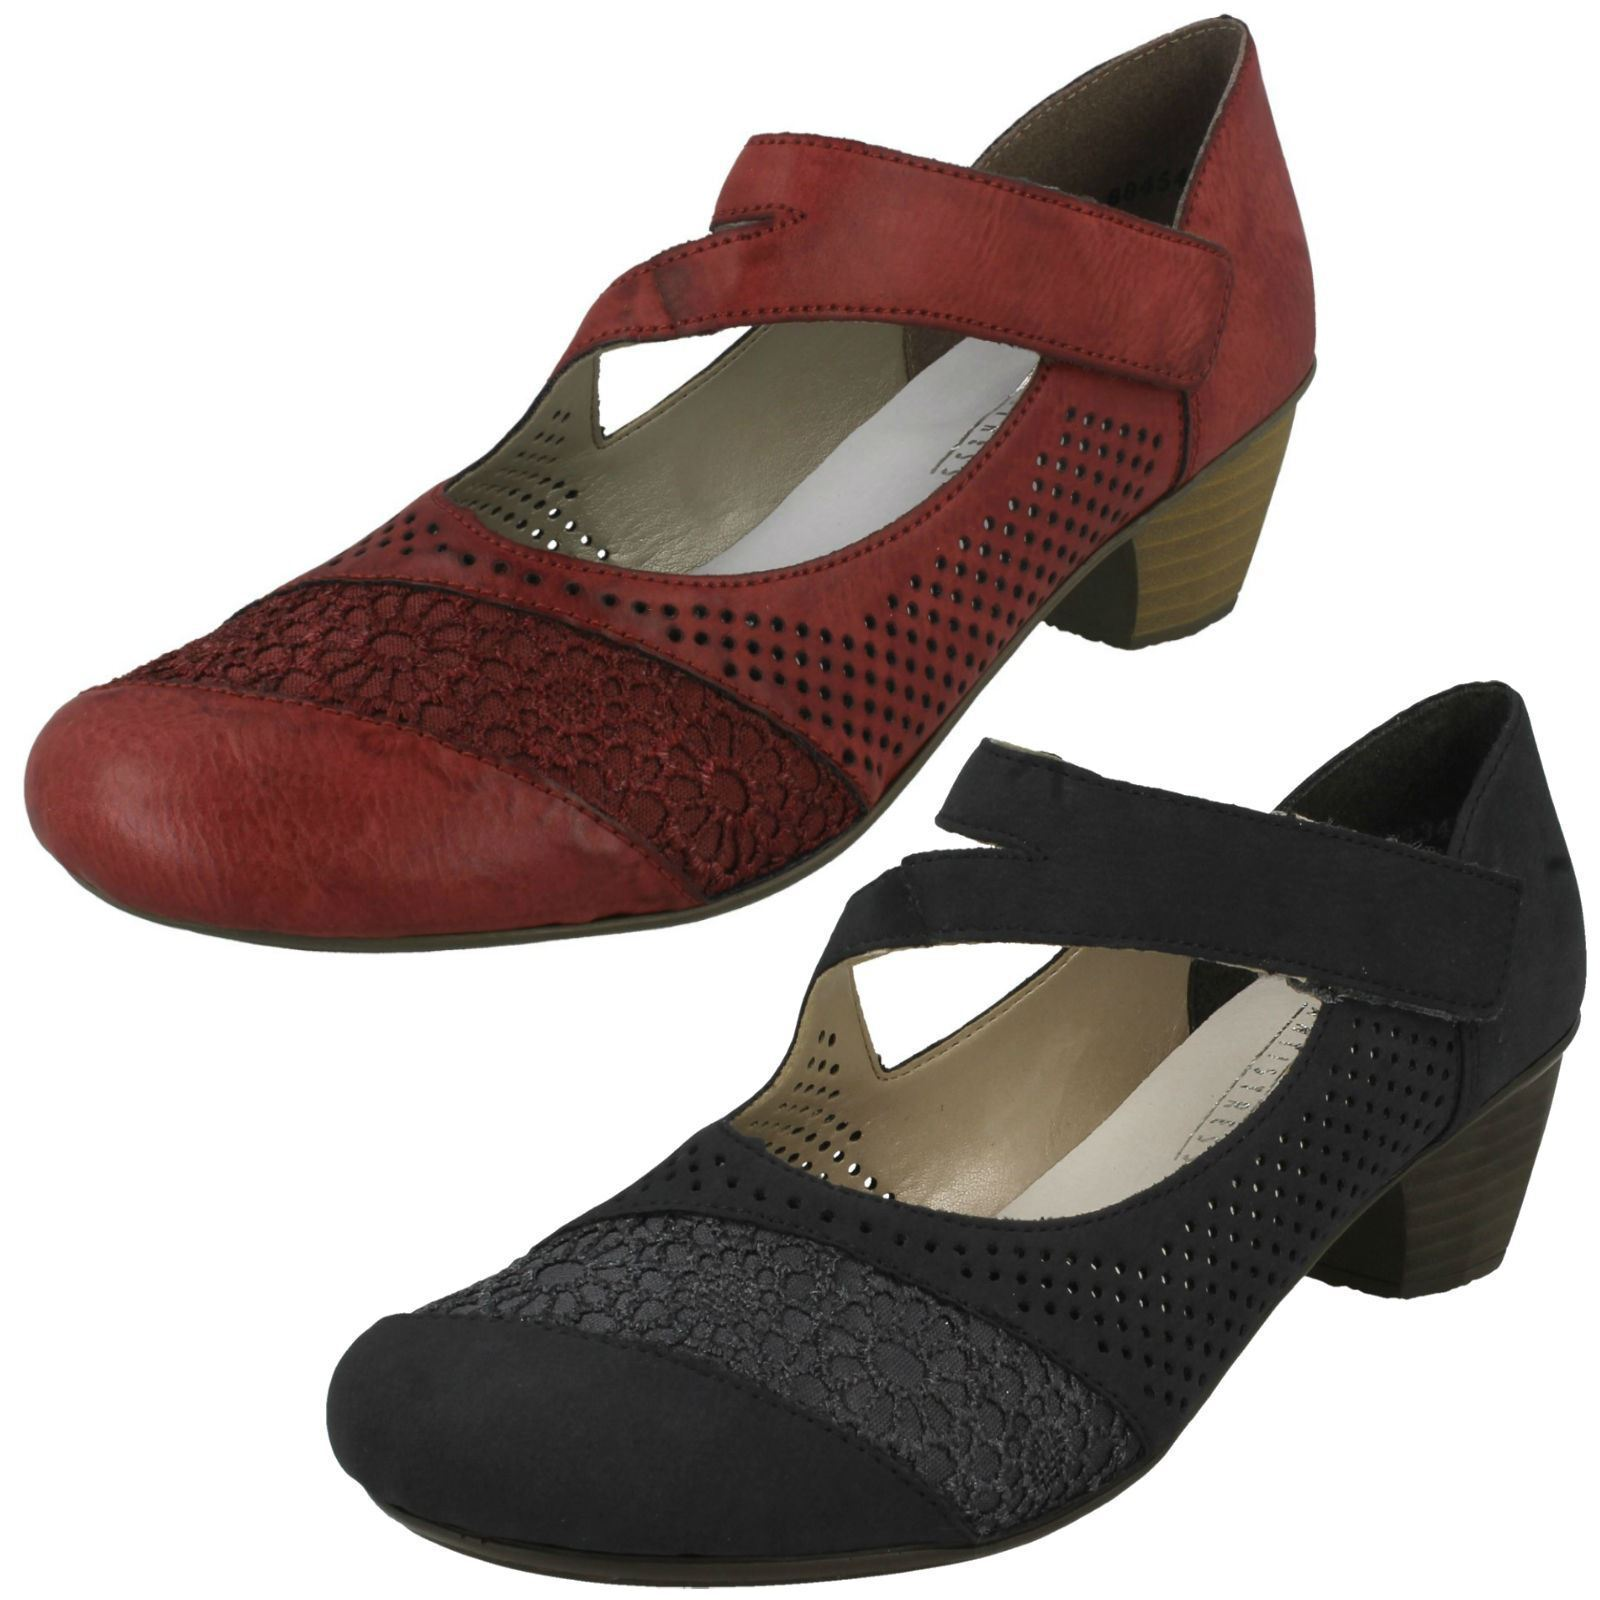 LADIES RIEKER SMART COURT chaussures 41743 MID HEEL SUMMER WEDDING WORK Taille